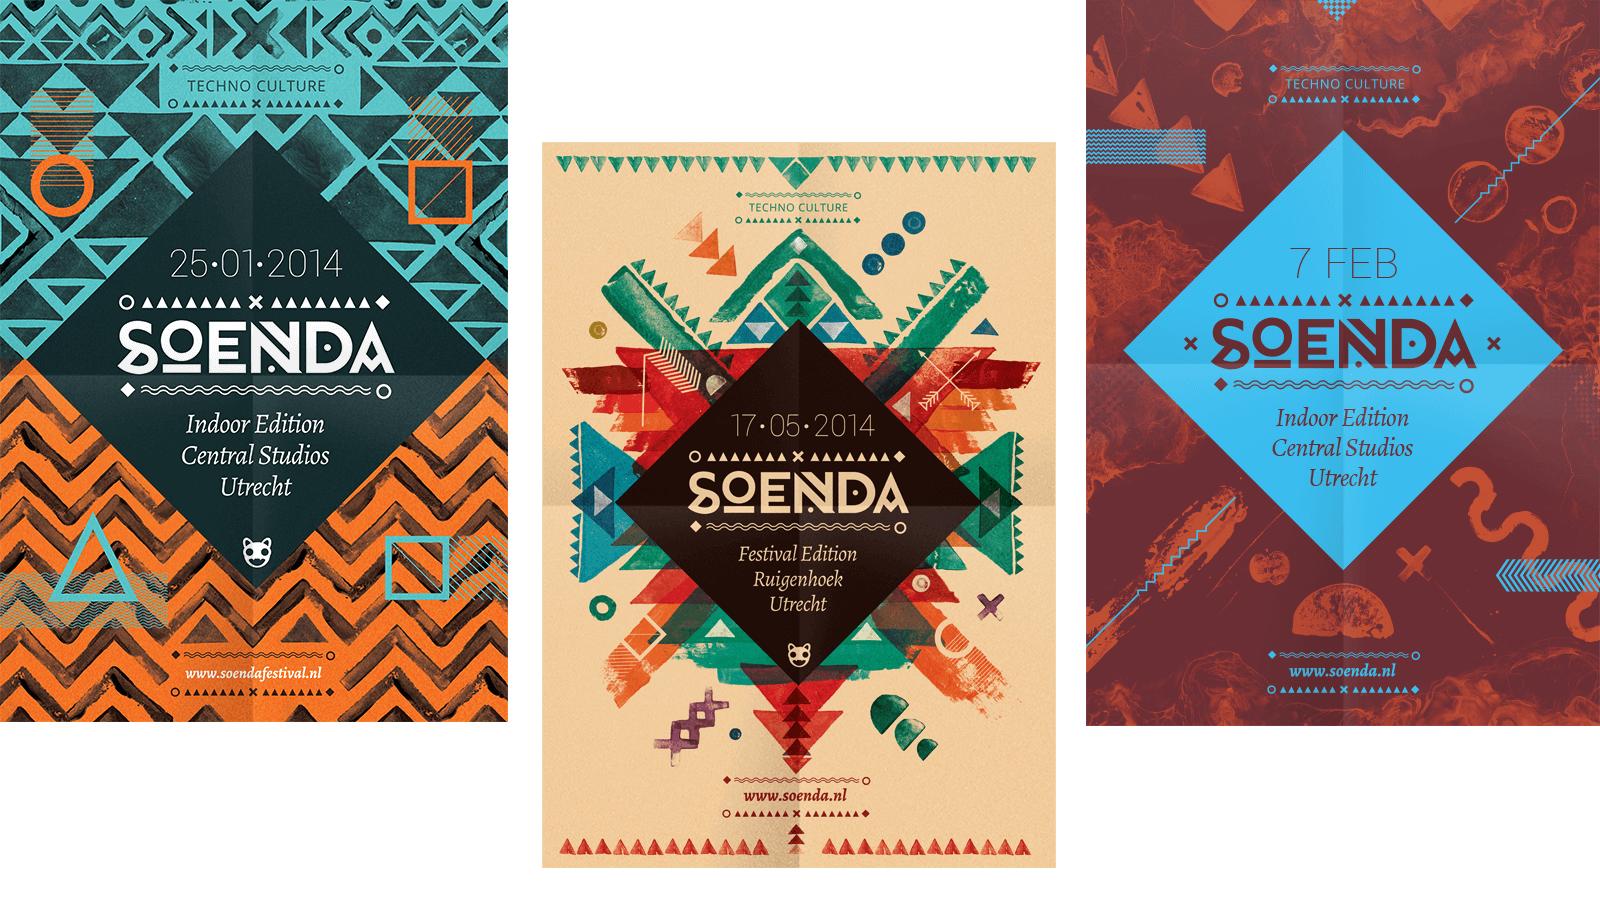 Soenda-Posters-02